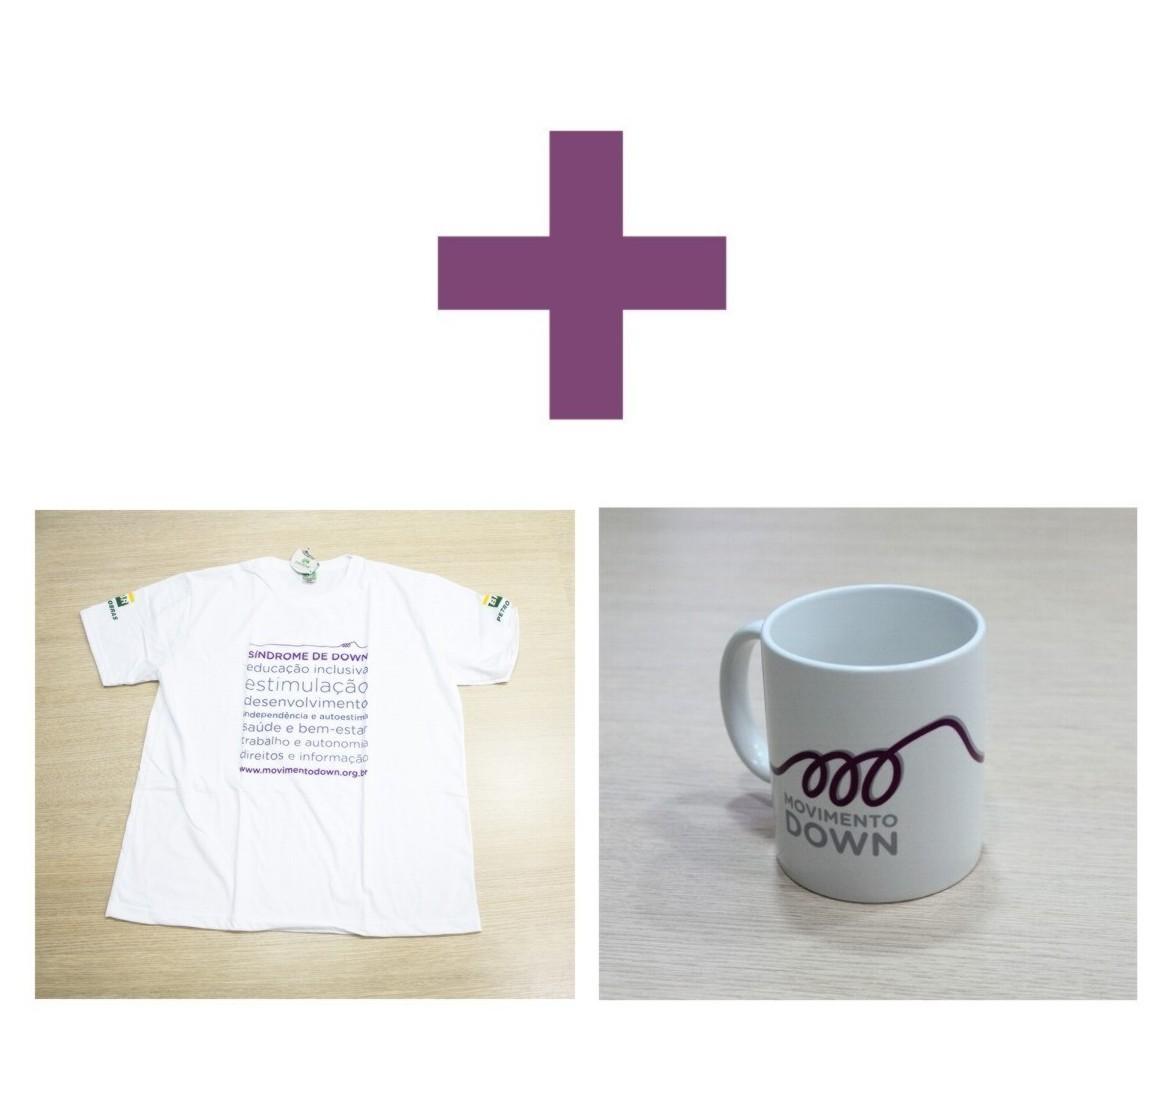 Caixa contendo: Caneca branca de porcelana com a marca do Movimento Down e Camisa Ecológica branca com termos relacionados à inclusão e ao apoio ao desenvolvimento.